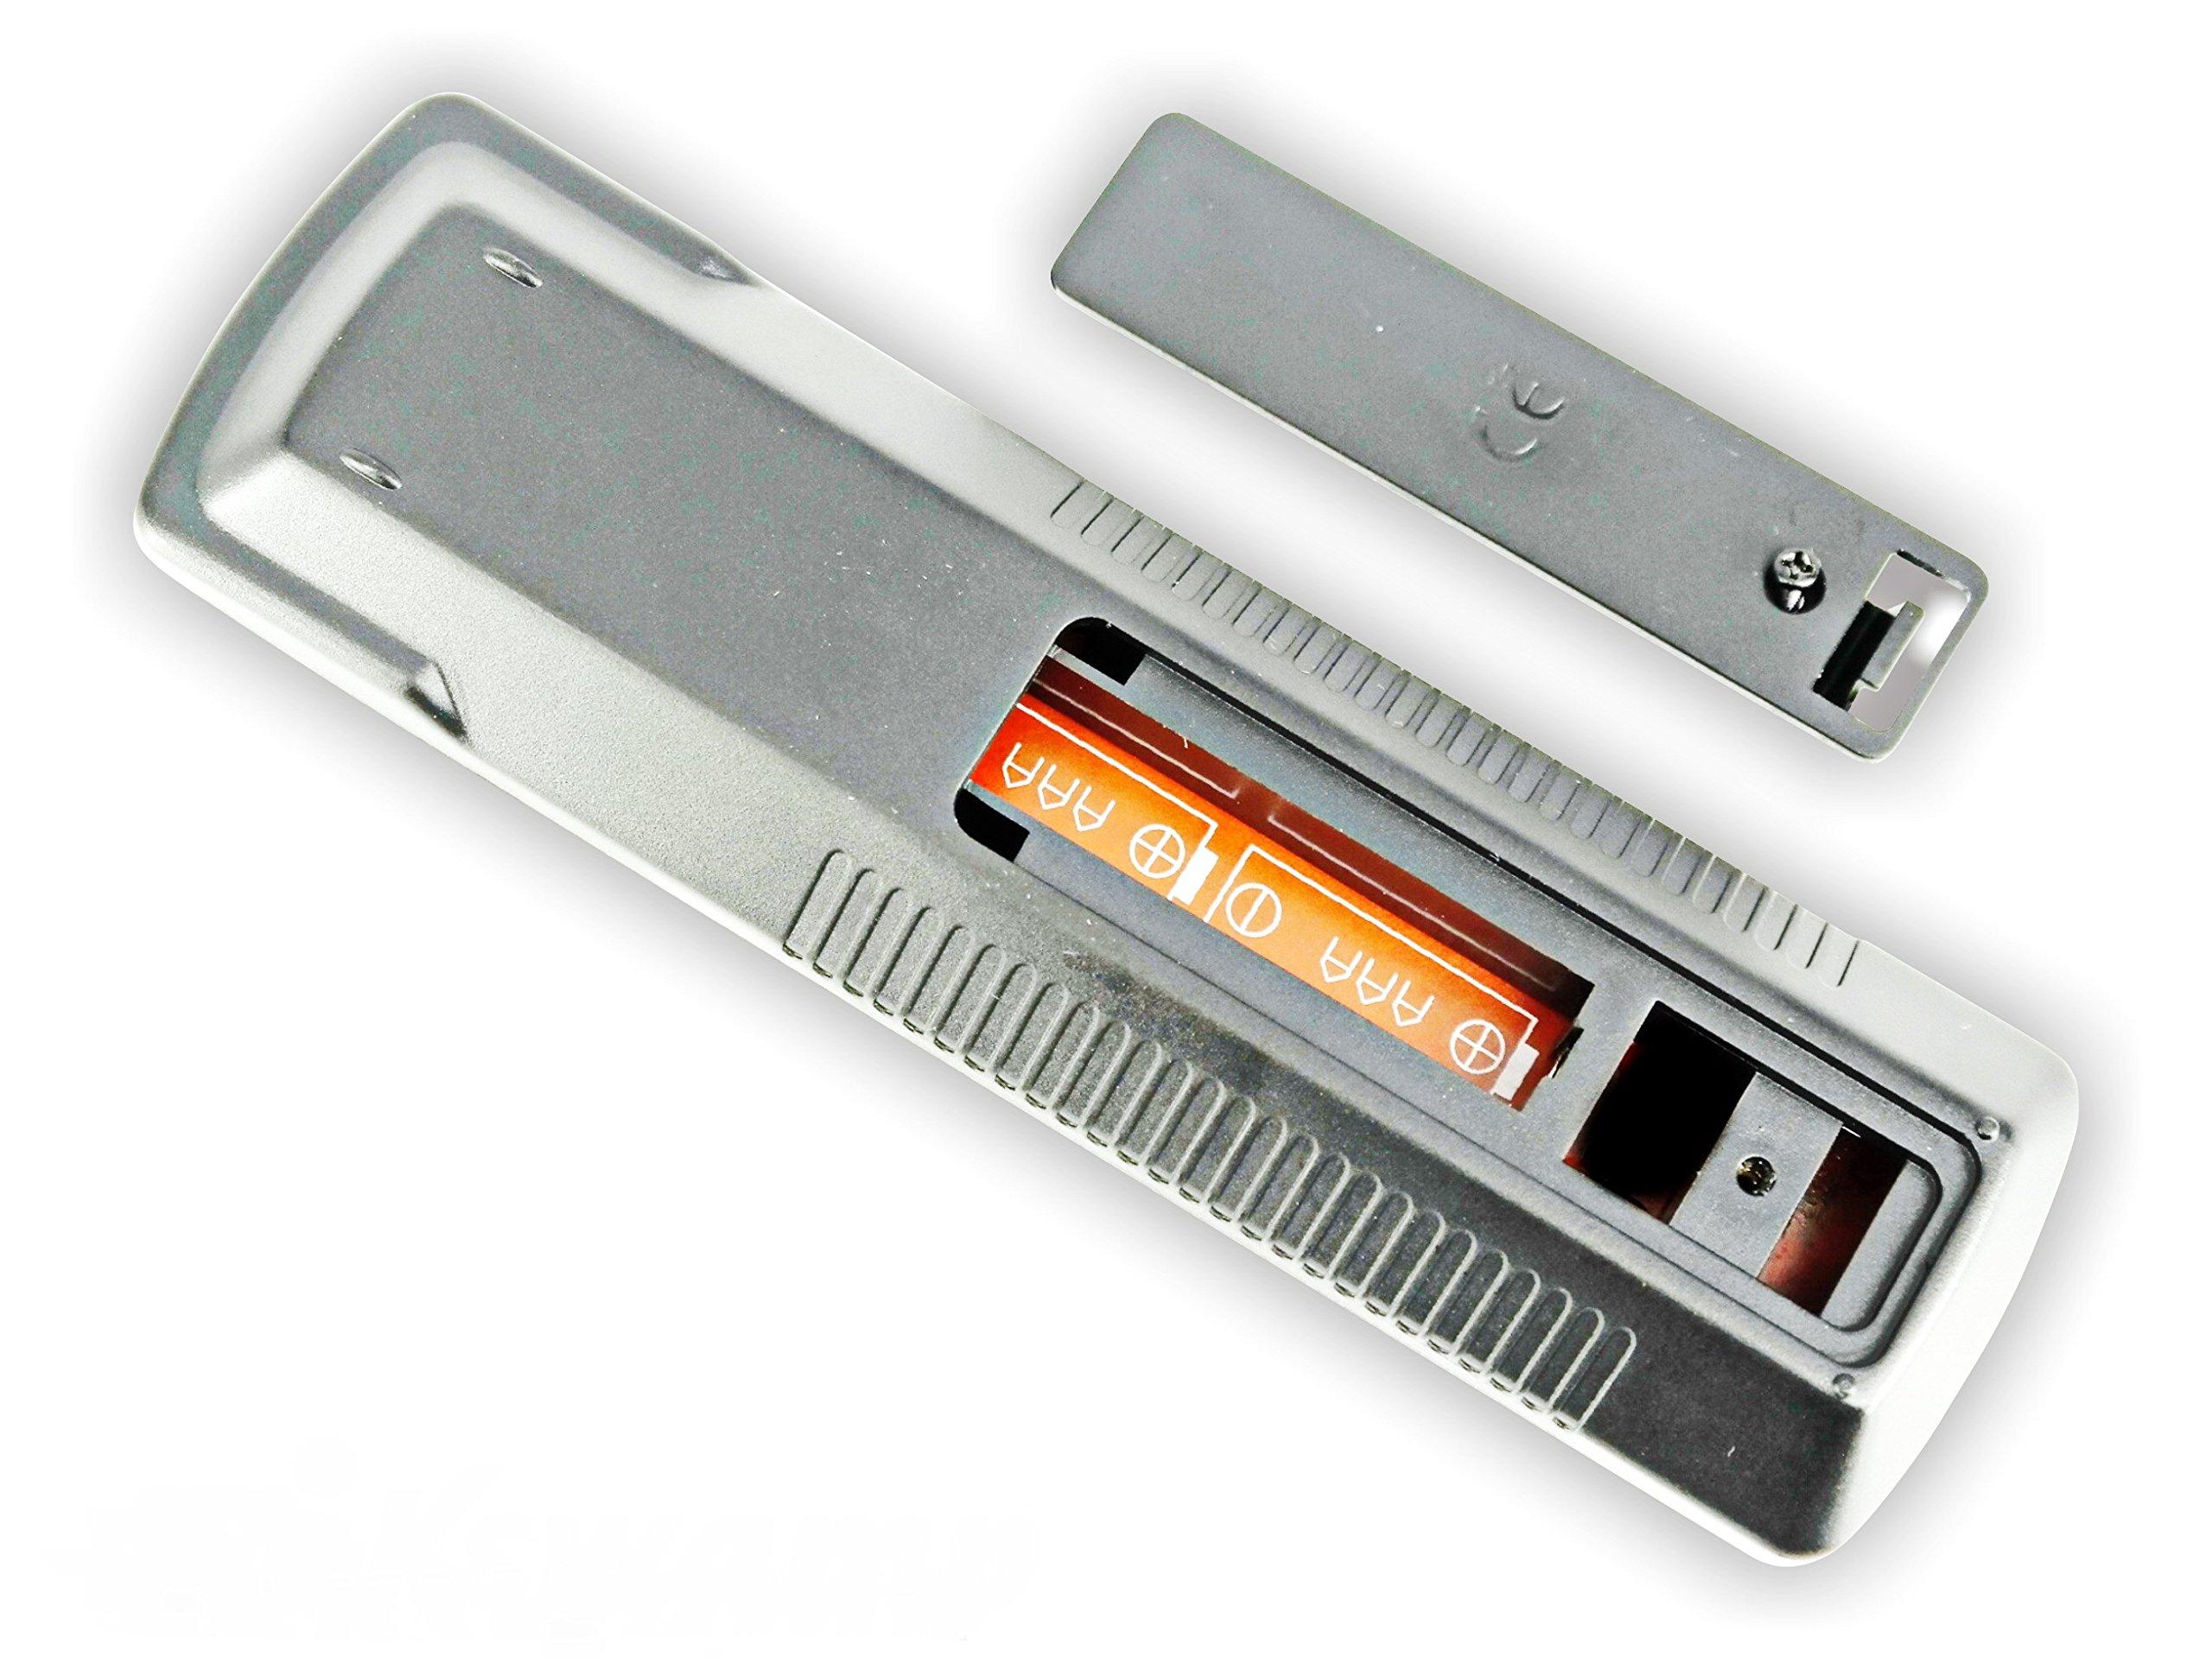 Remote Control for Bose SoundLink by Tekswamp by Tekswamp (Image #7)